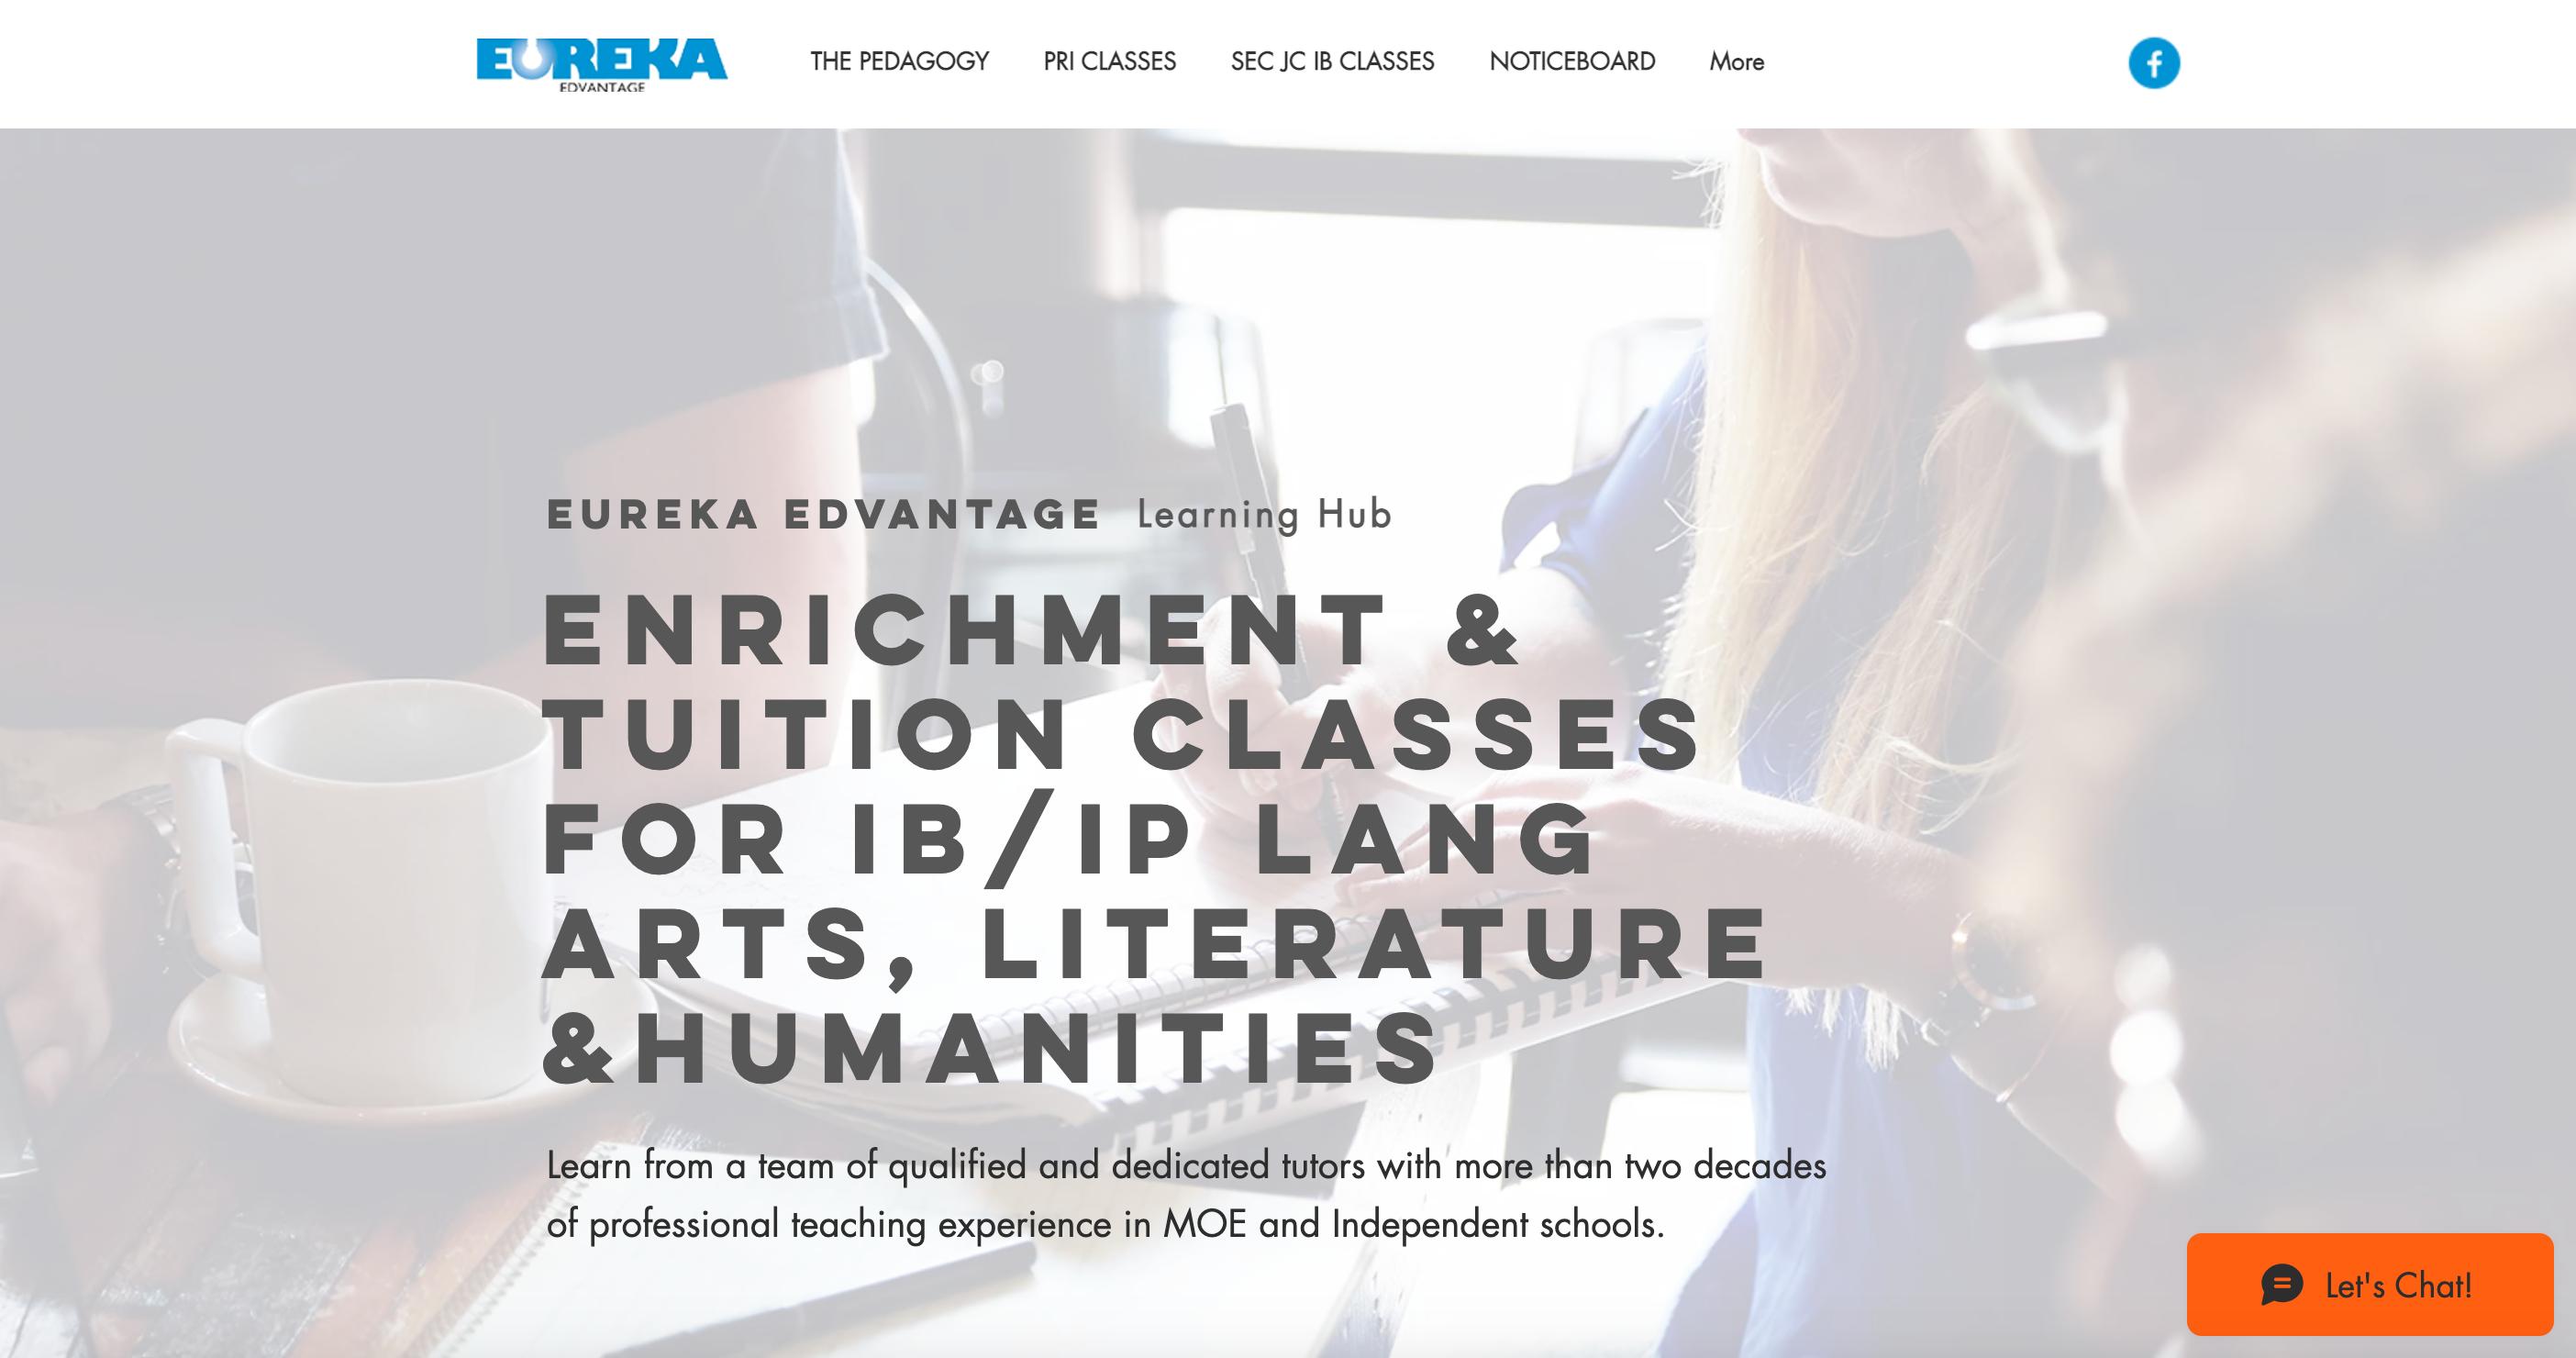 Eureka Edvantage Learning Hub IP Tuition